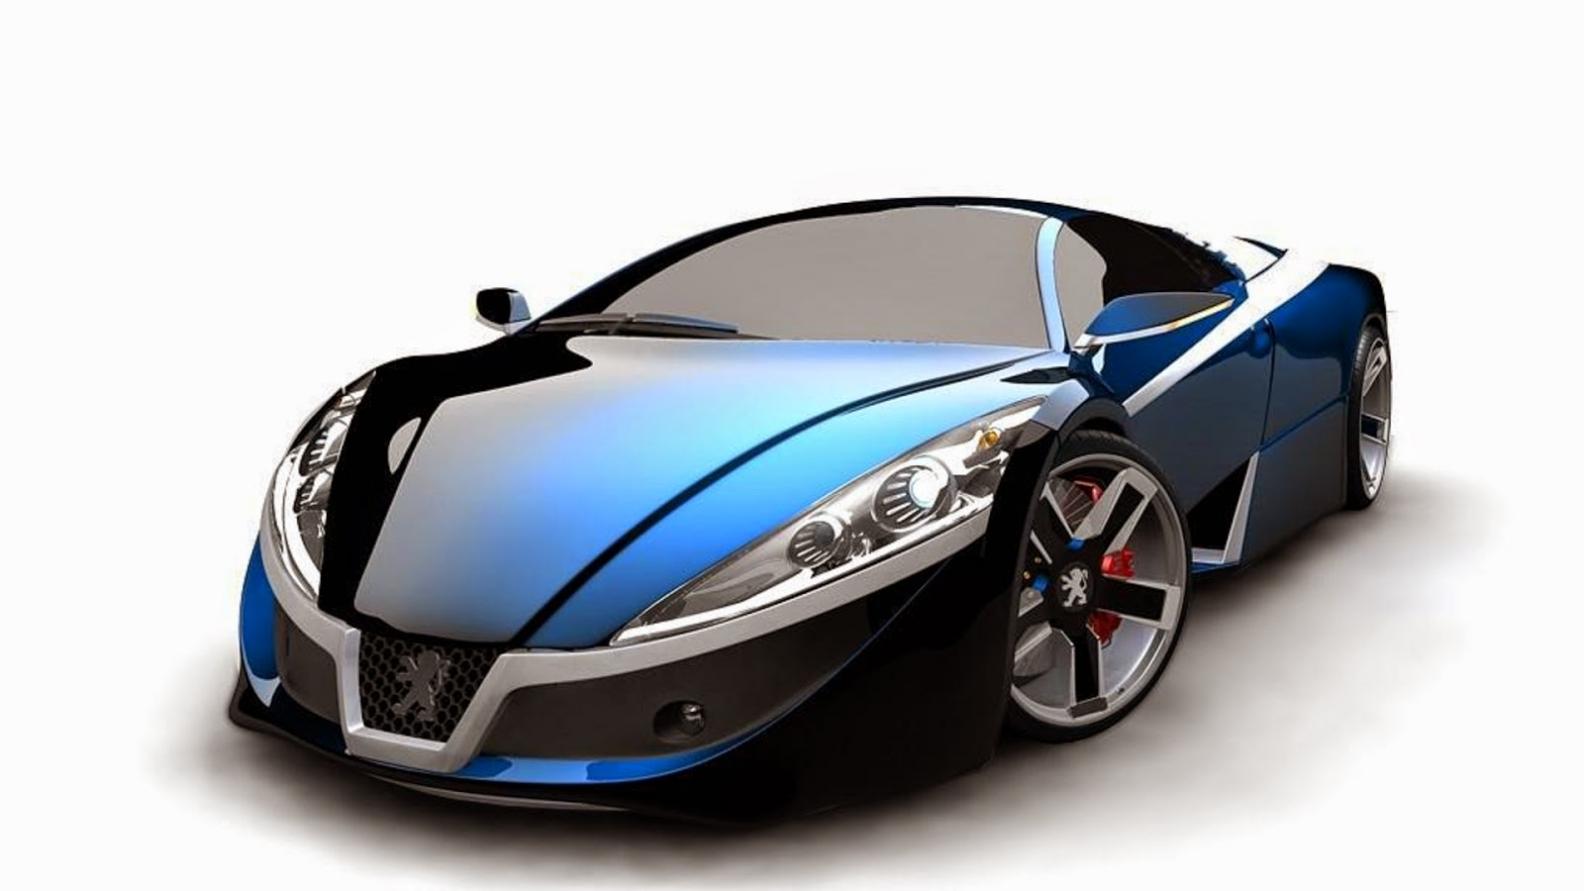 Ferarri clipart modern car Hd Clipart more cars Free